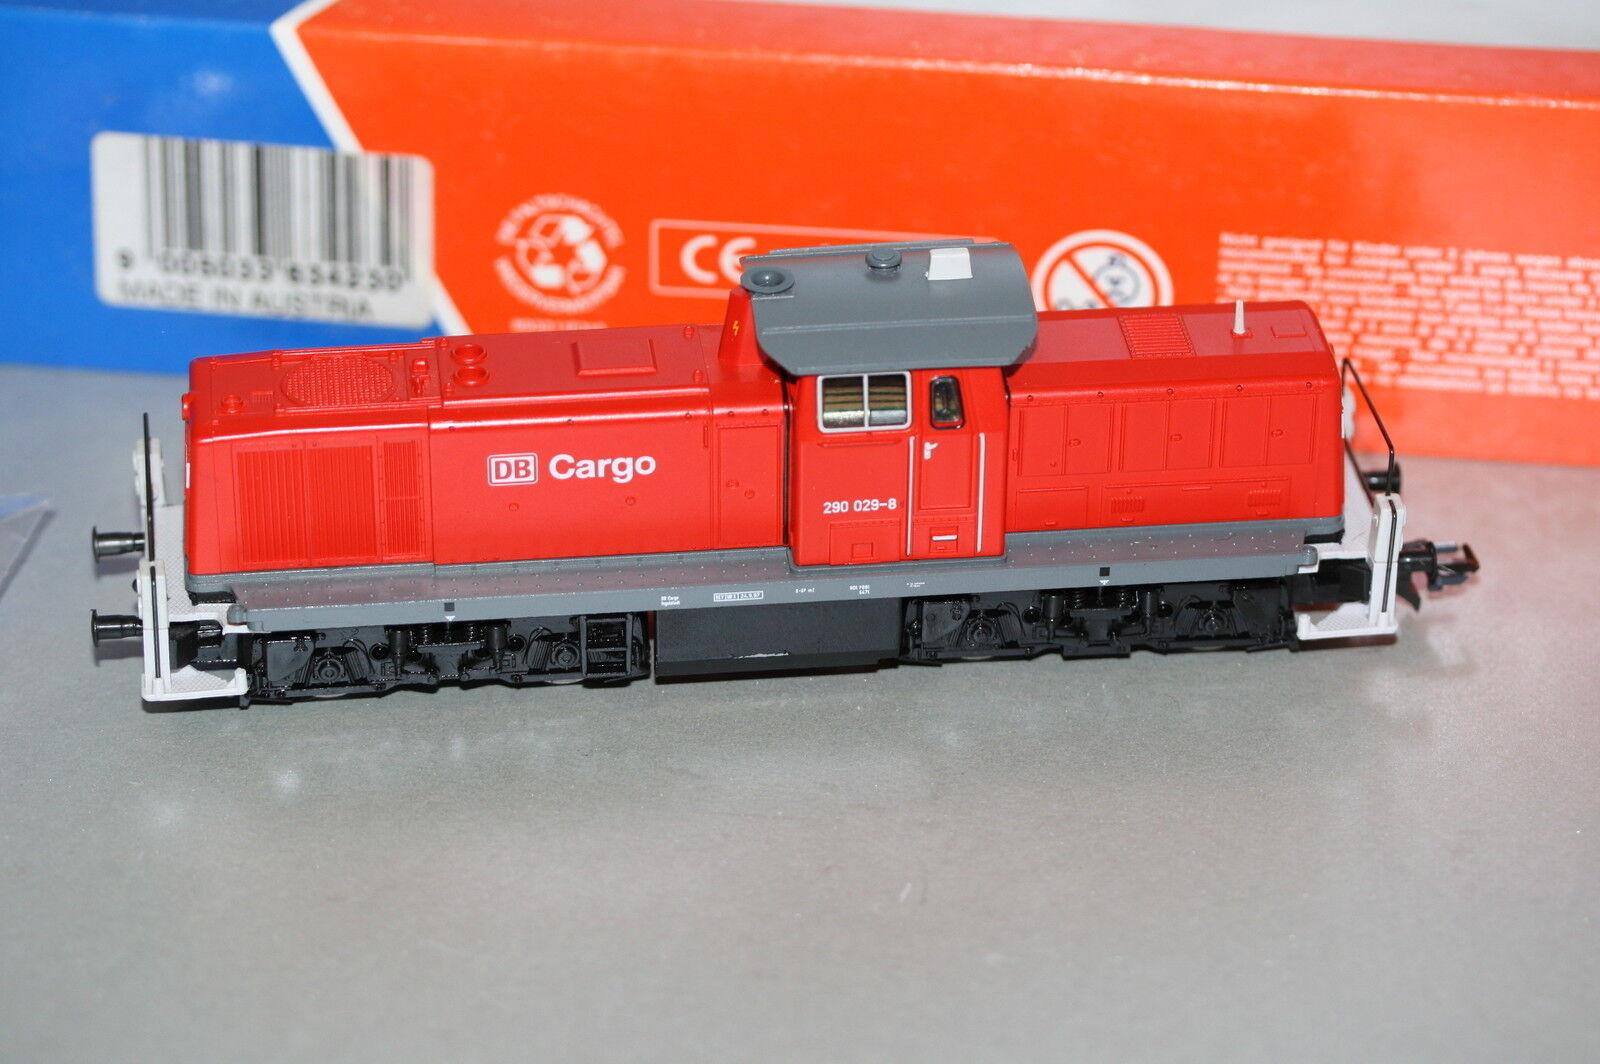 ¡no ser extrañado! Roco 63423 diesellok serie 290 029-8 029-8 029-8 DB Cochego DSS Spur h0 OVP  Mercancía de alta calidad y servicio conveniente y honesto.